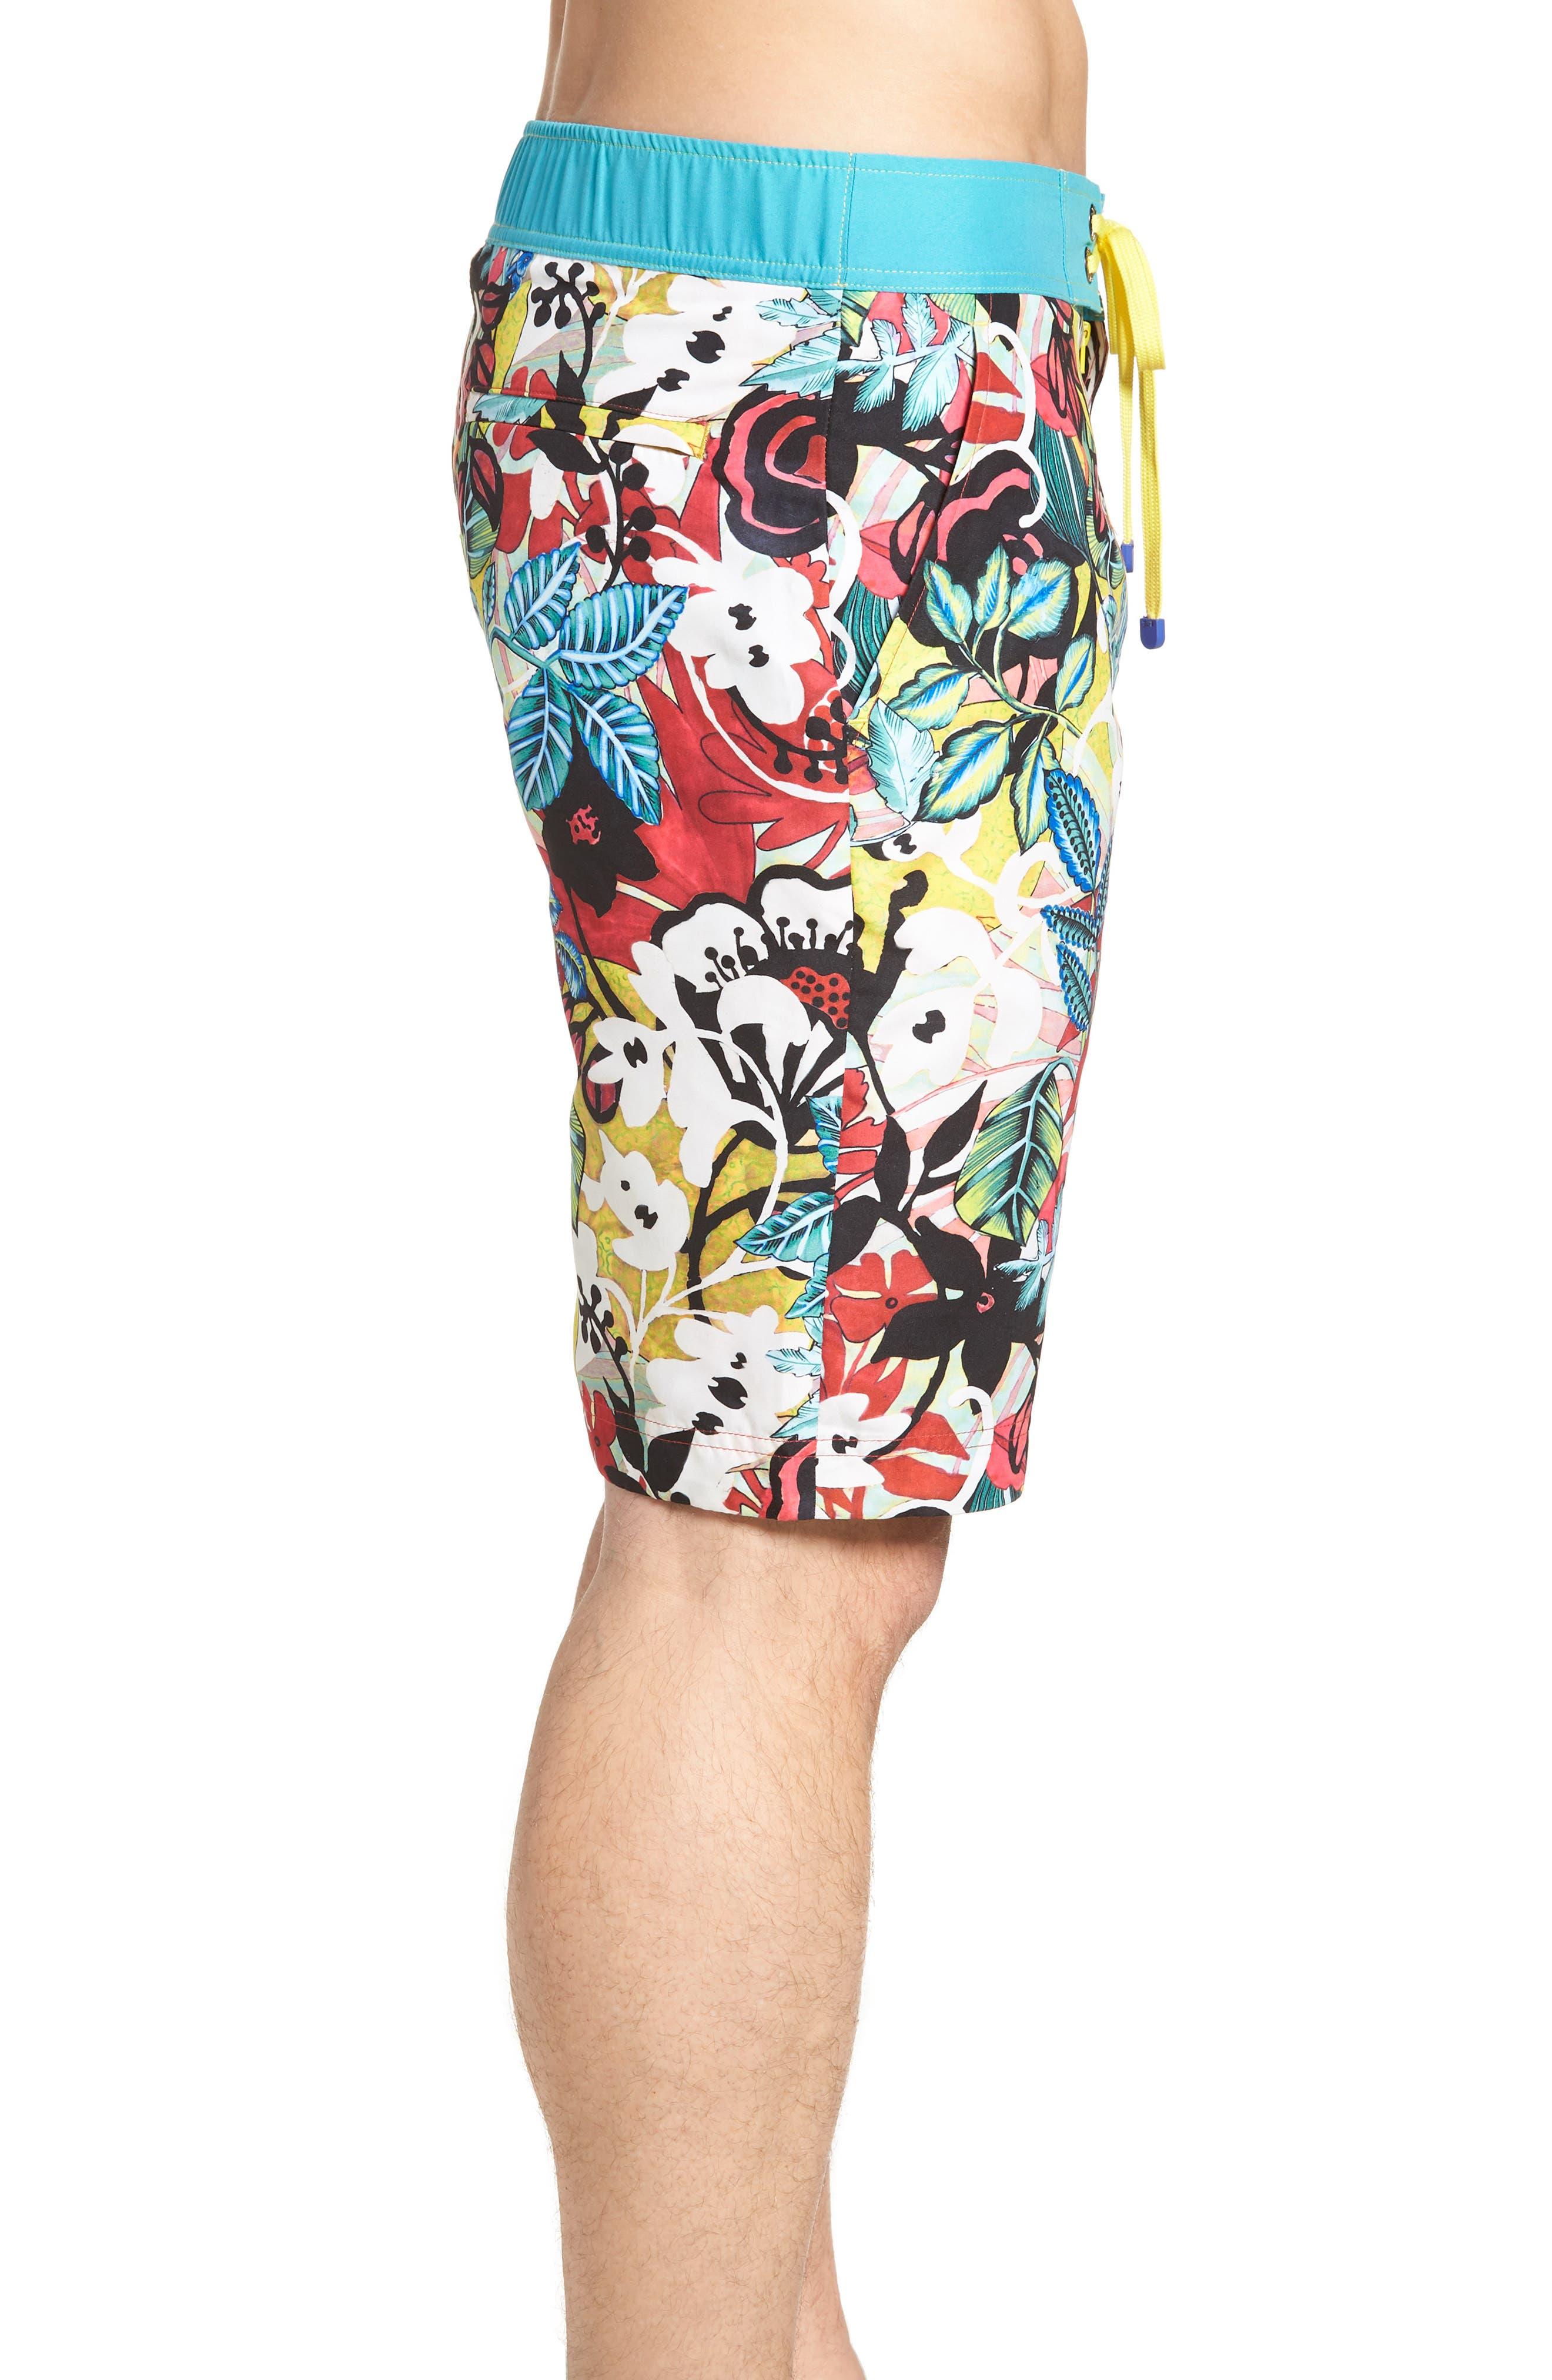 Barbarito Classic Fit Board Shorts,                             Alternate thumbnail 3, color,                             Multi